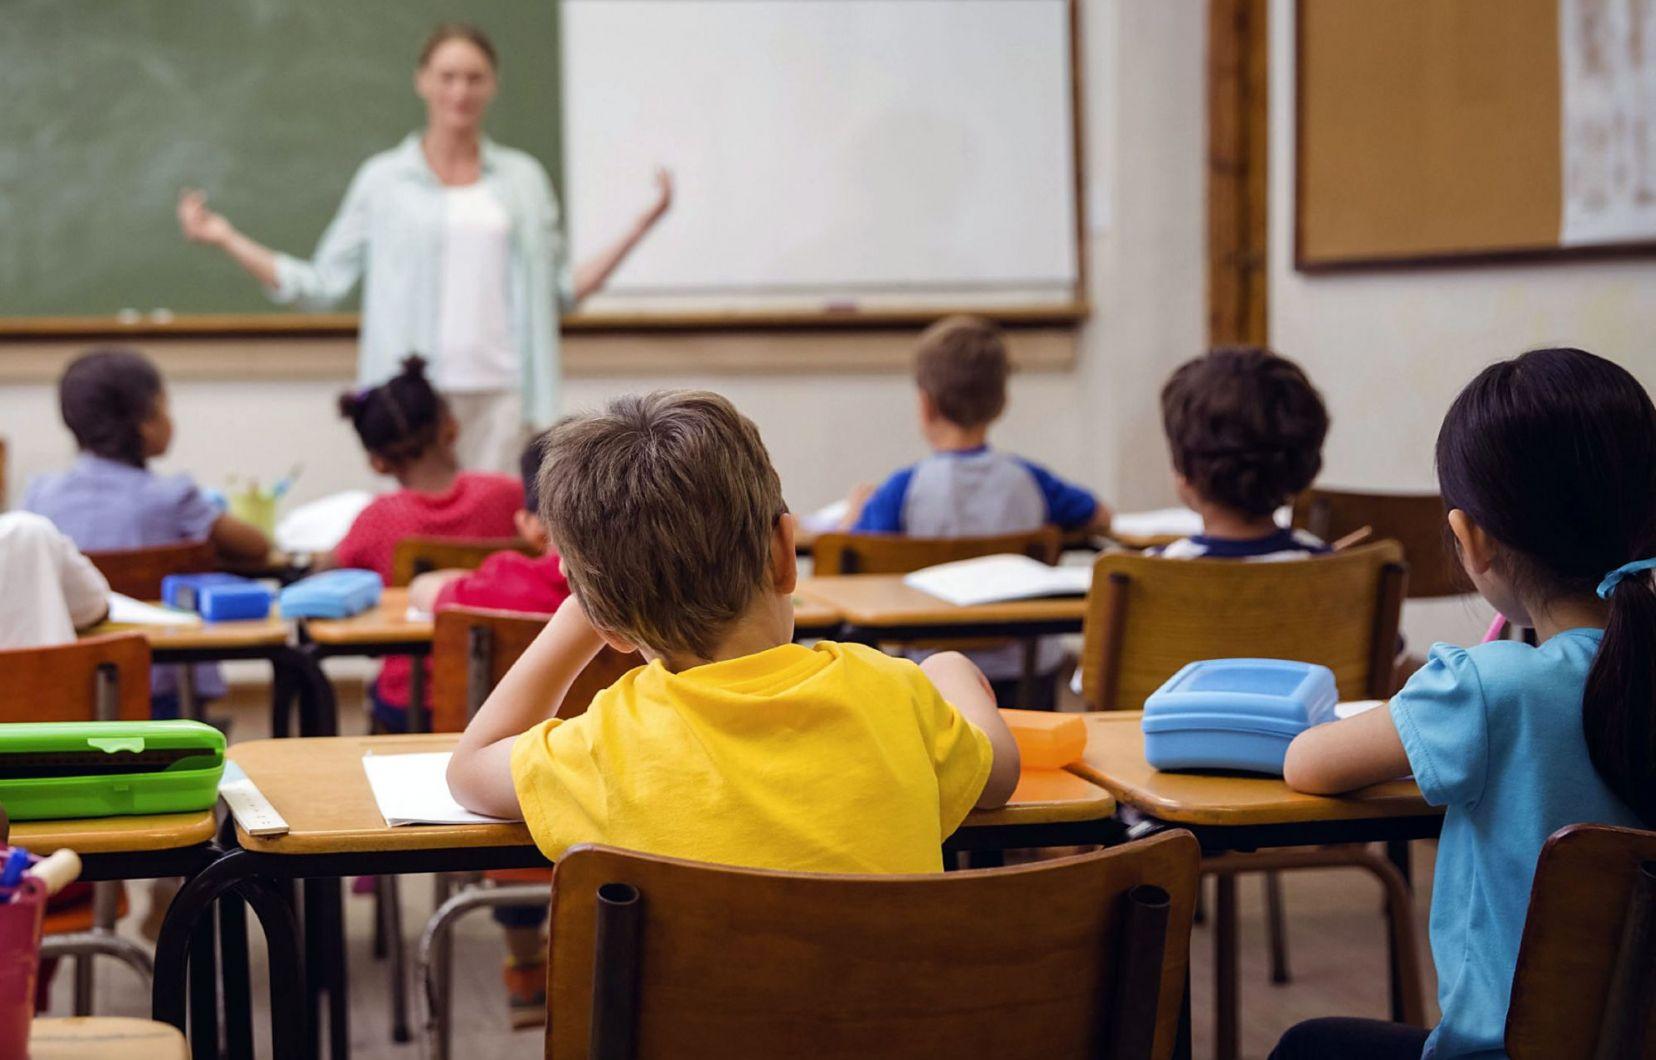 Tunisie: Le taux de présence des enseignants a dépassé celui des élèves des classes terminales